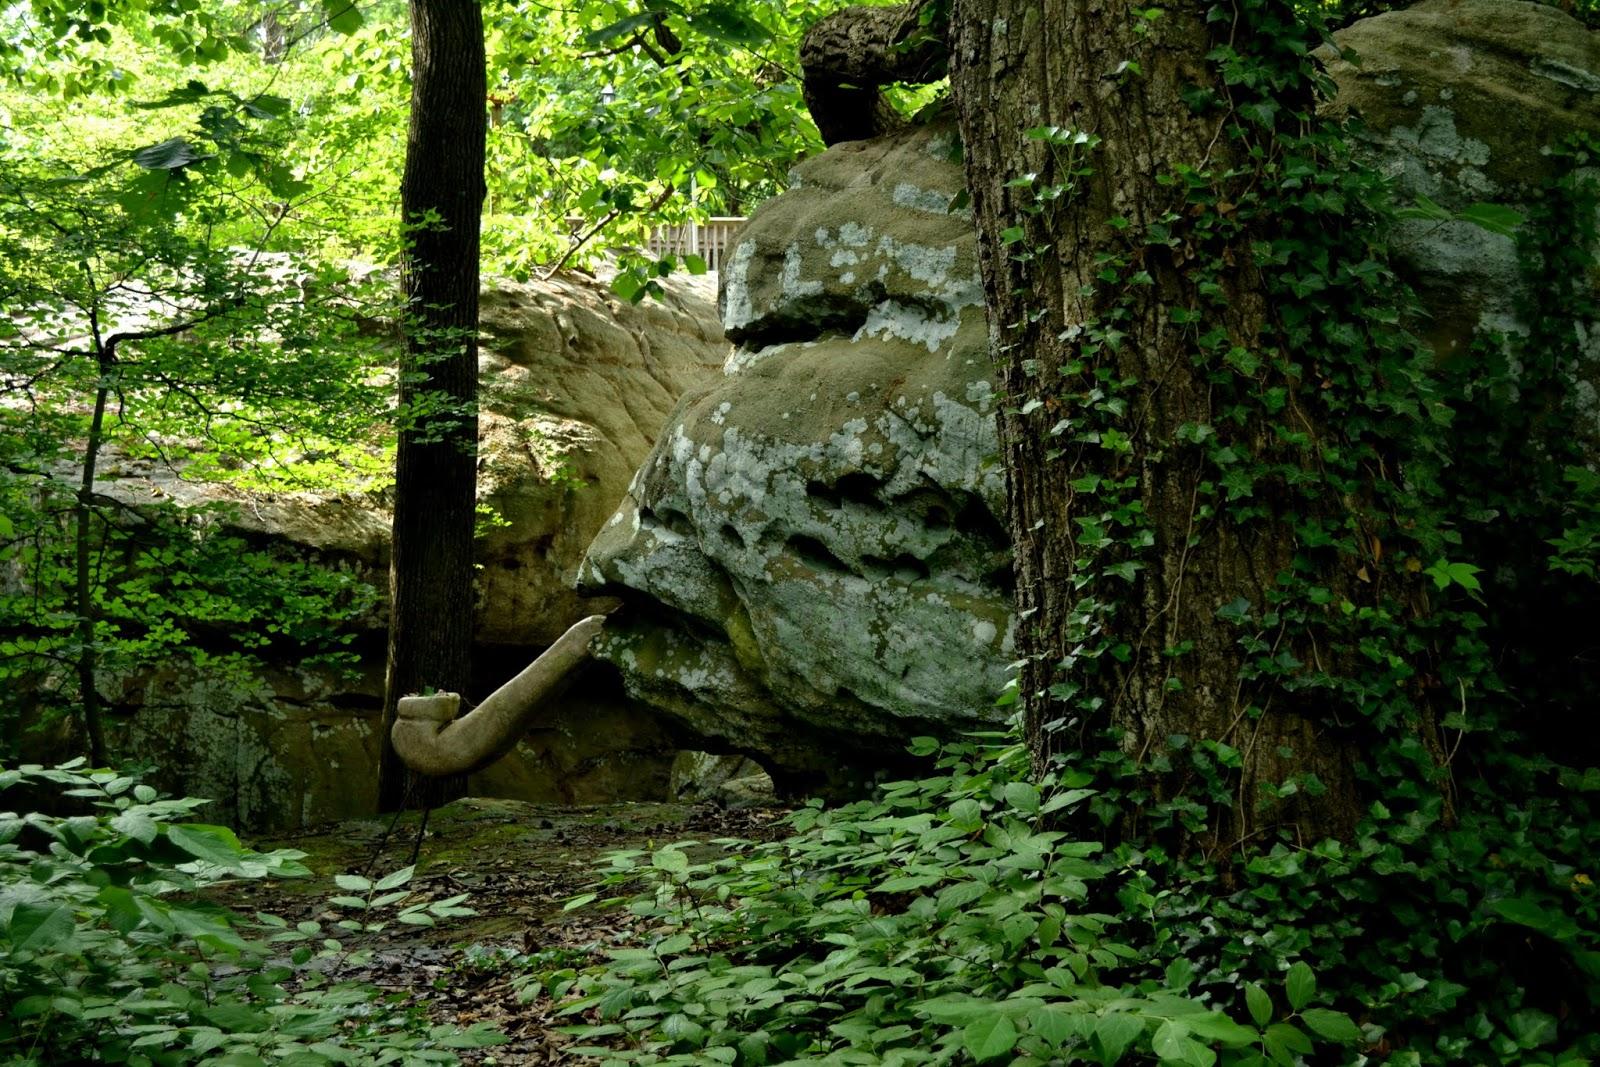 Каменный Город, Джорджия (Rock City, Lookout Mountain, Georgia)